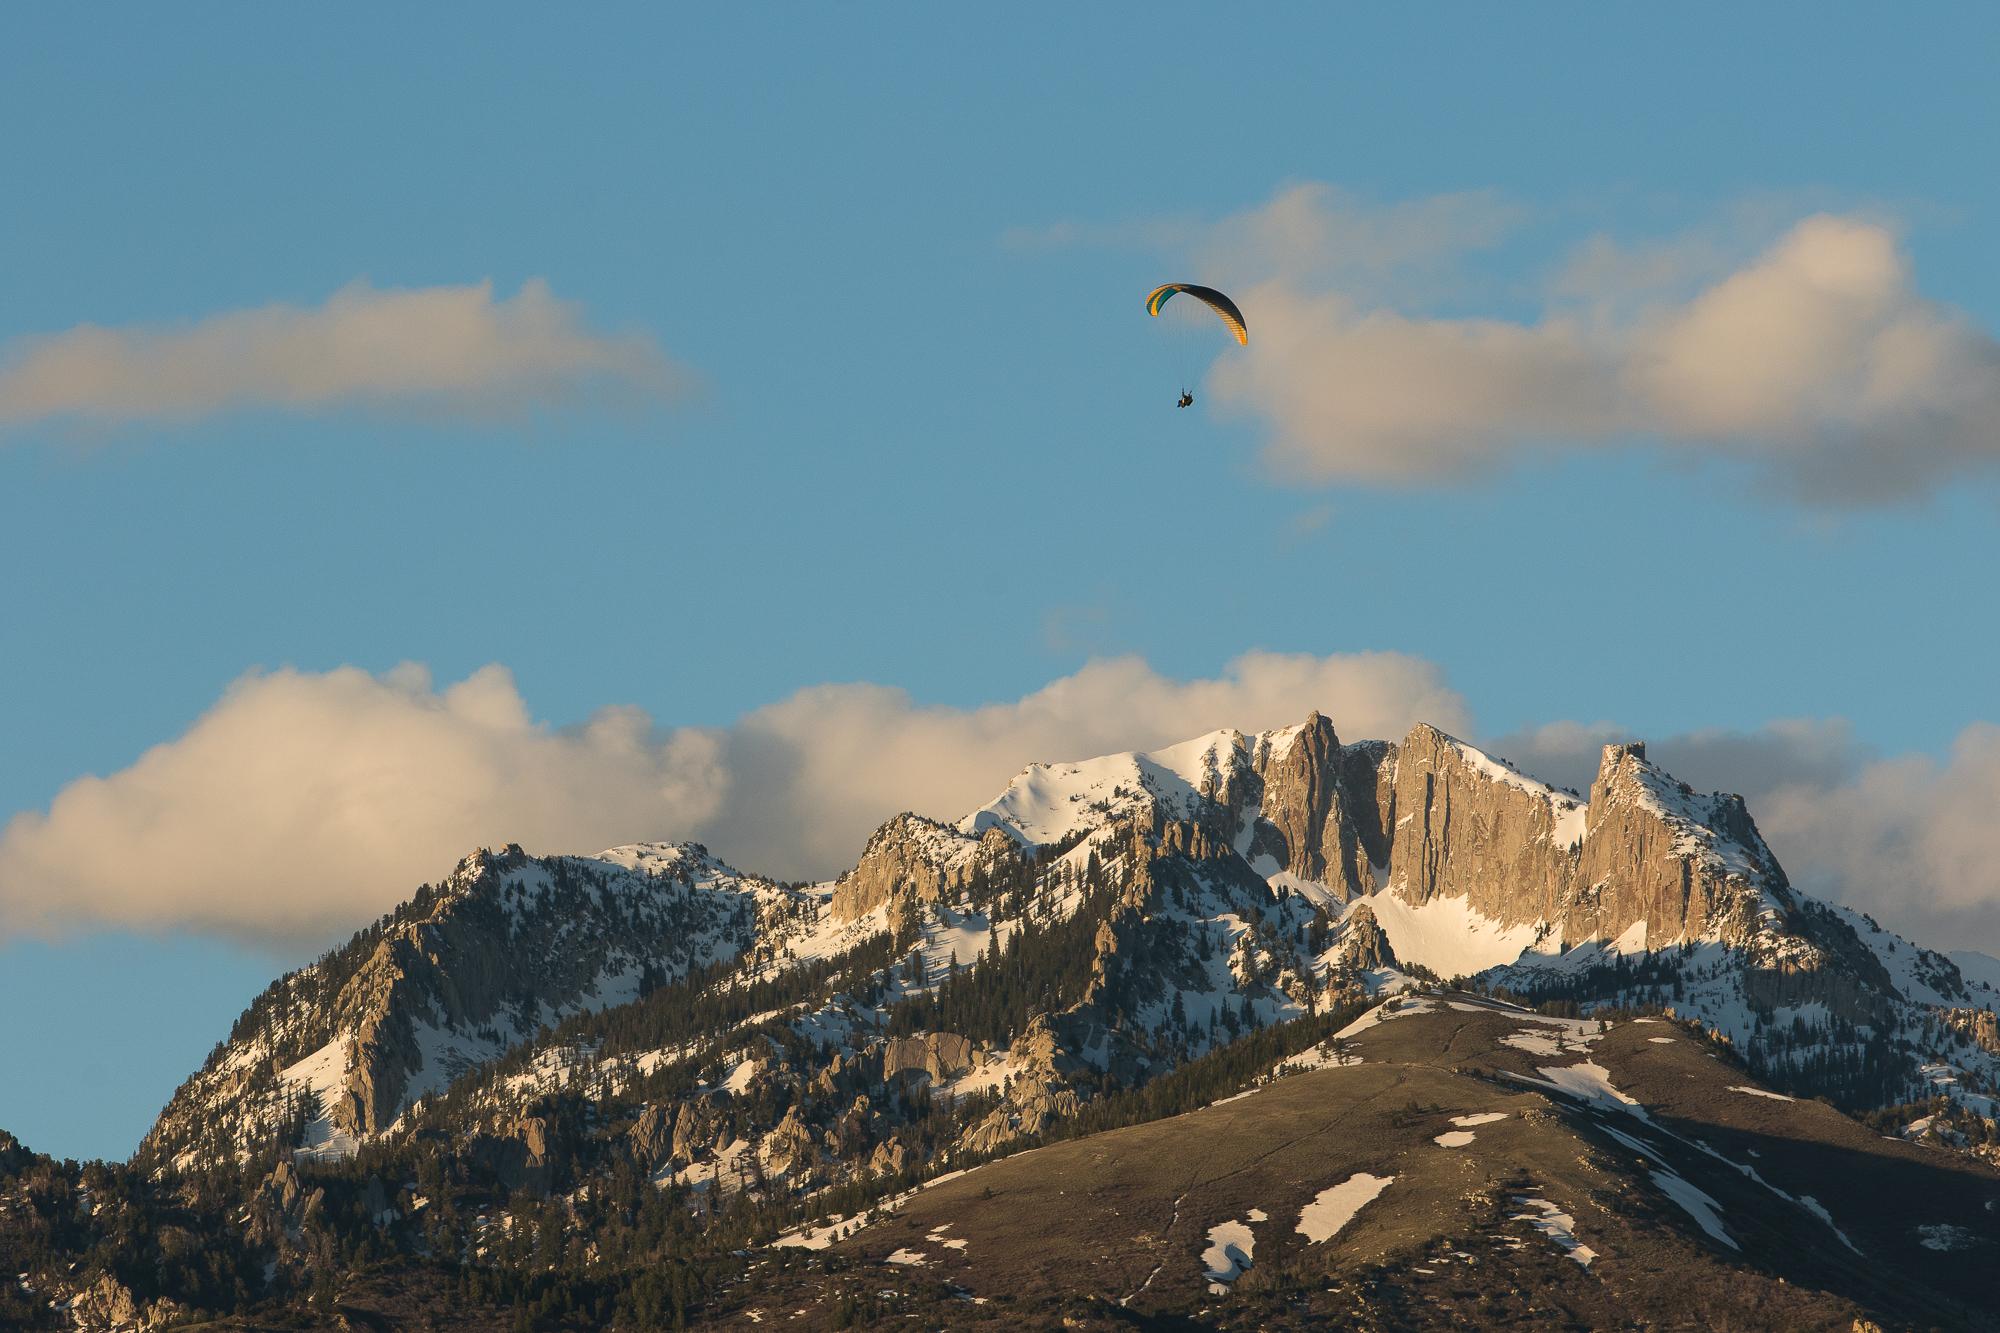 2016 - Paraglider, Lone Peak